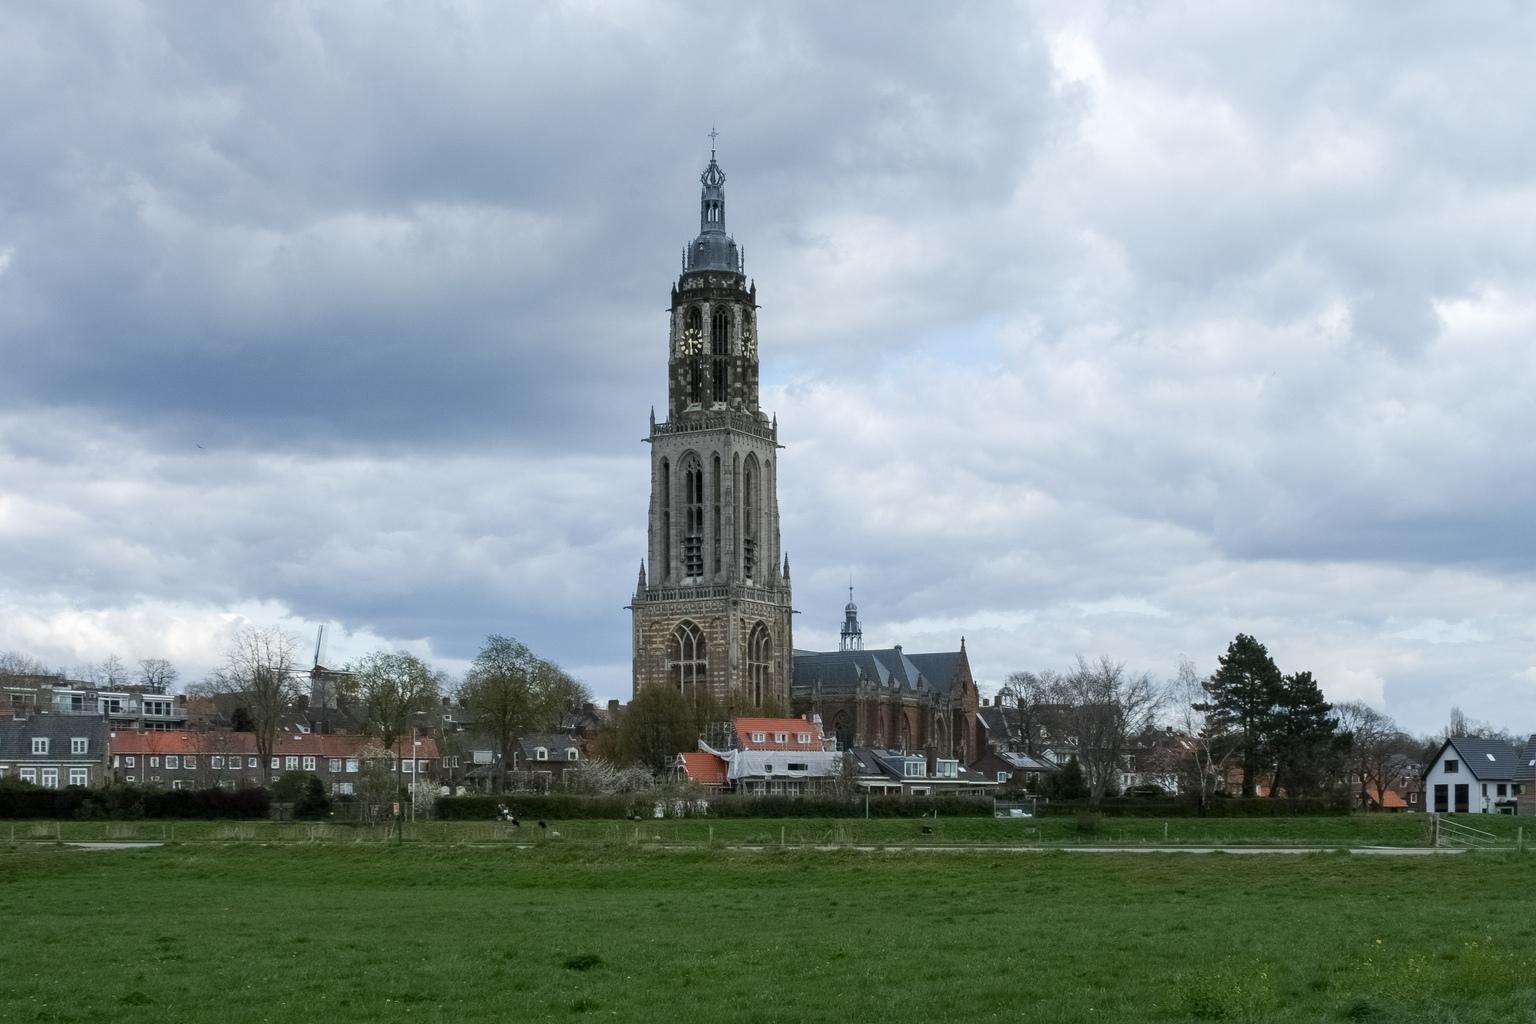 Kerk in Rhenen - Kerk in Rhenen - foto door Judith van de Vecht op 15-04-2021 - locatie: Rhenen, Nederland - deze foto bevat: wolk, lucht, gebouw, fabriek, toren, boom, wolkenkrabber, stad, gras, torenblok